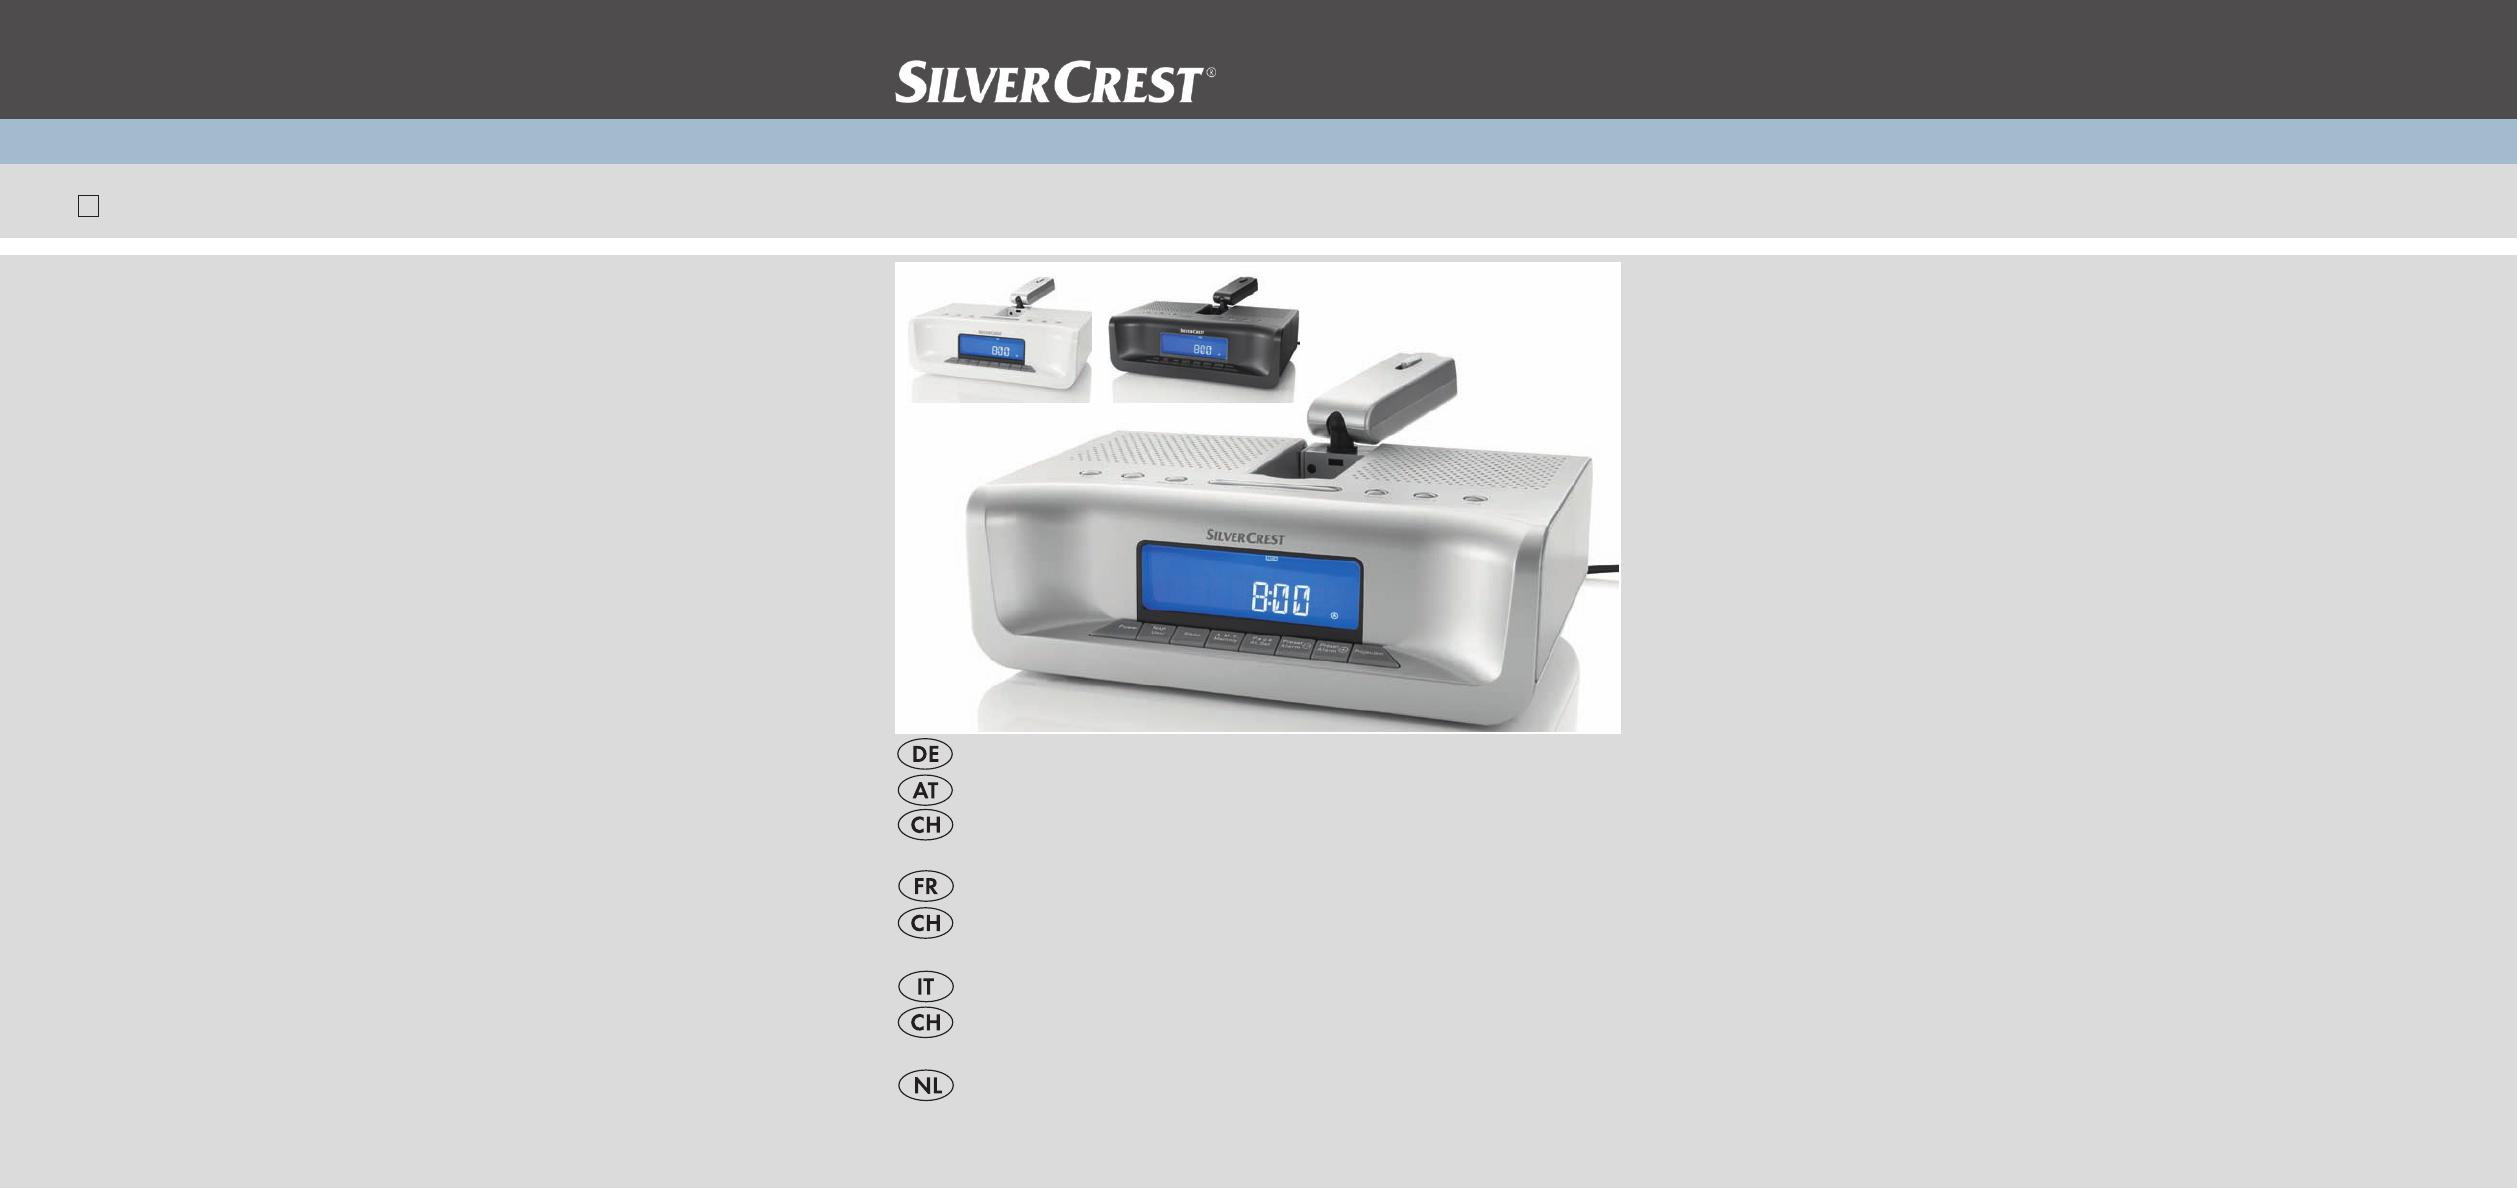 Silvercrest Bedienungsanleitung